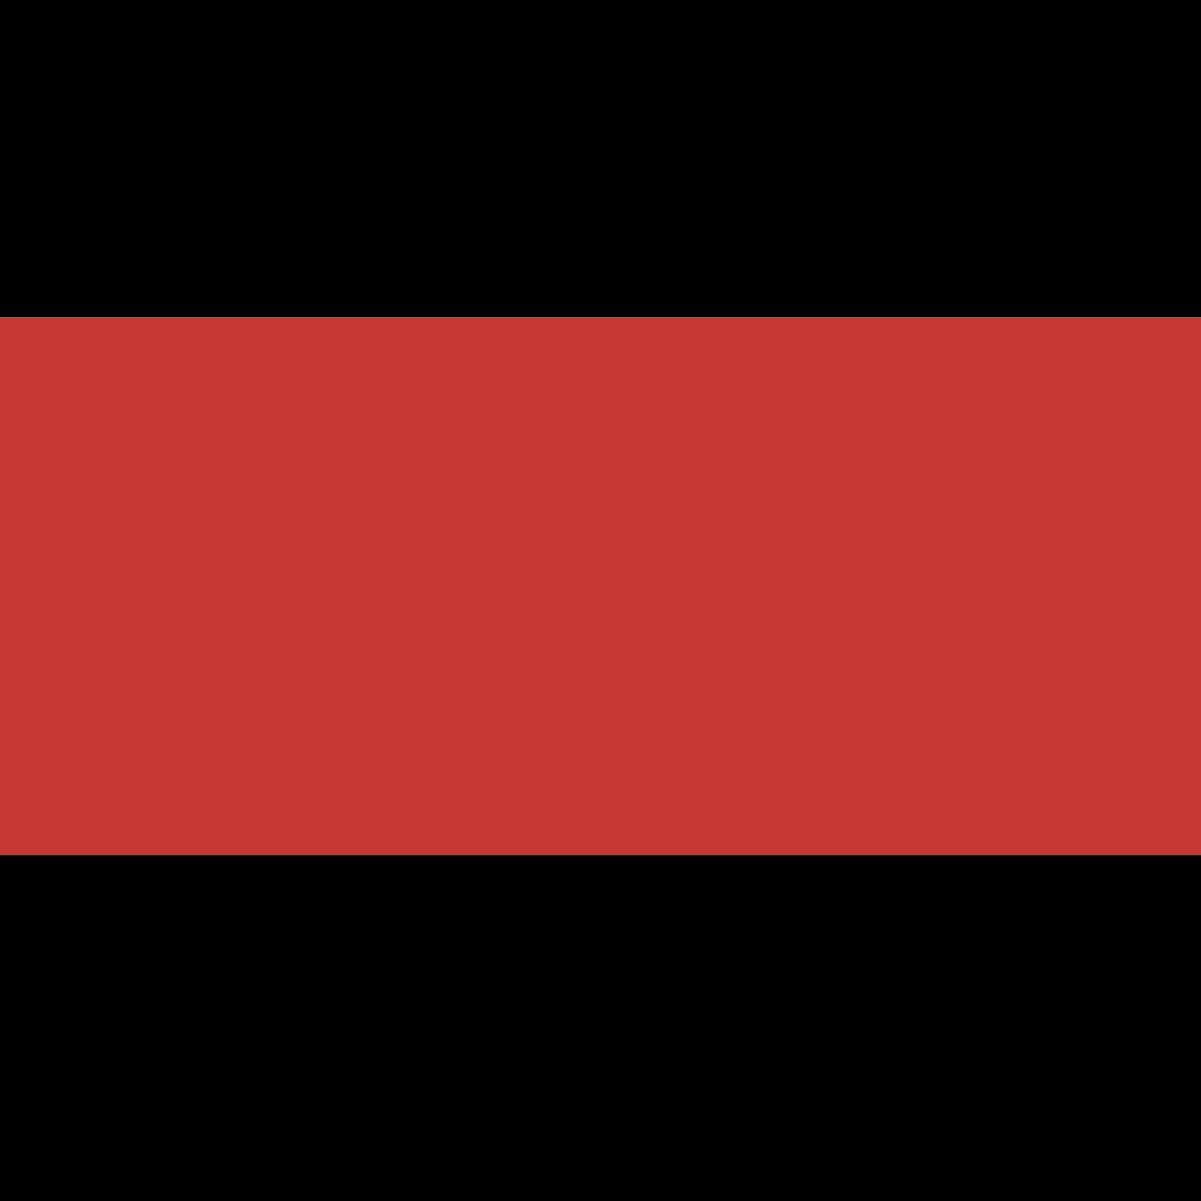 Schwarz - Rot